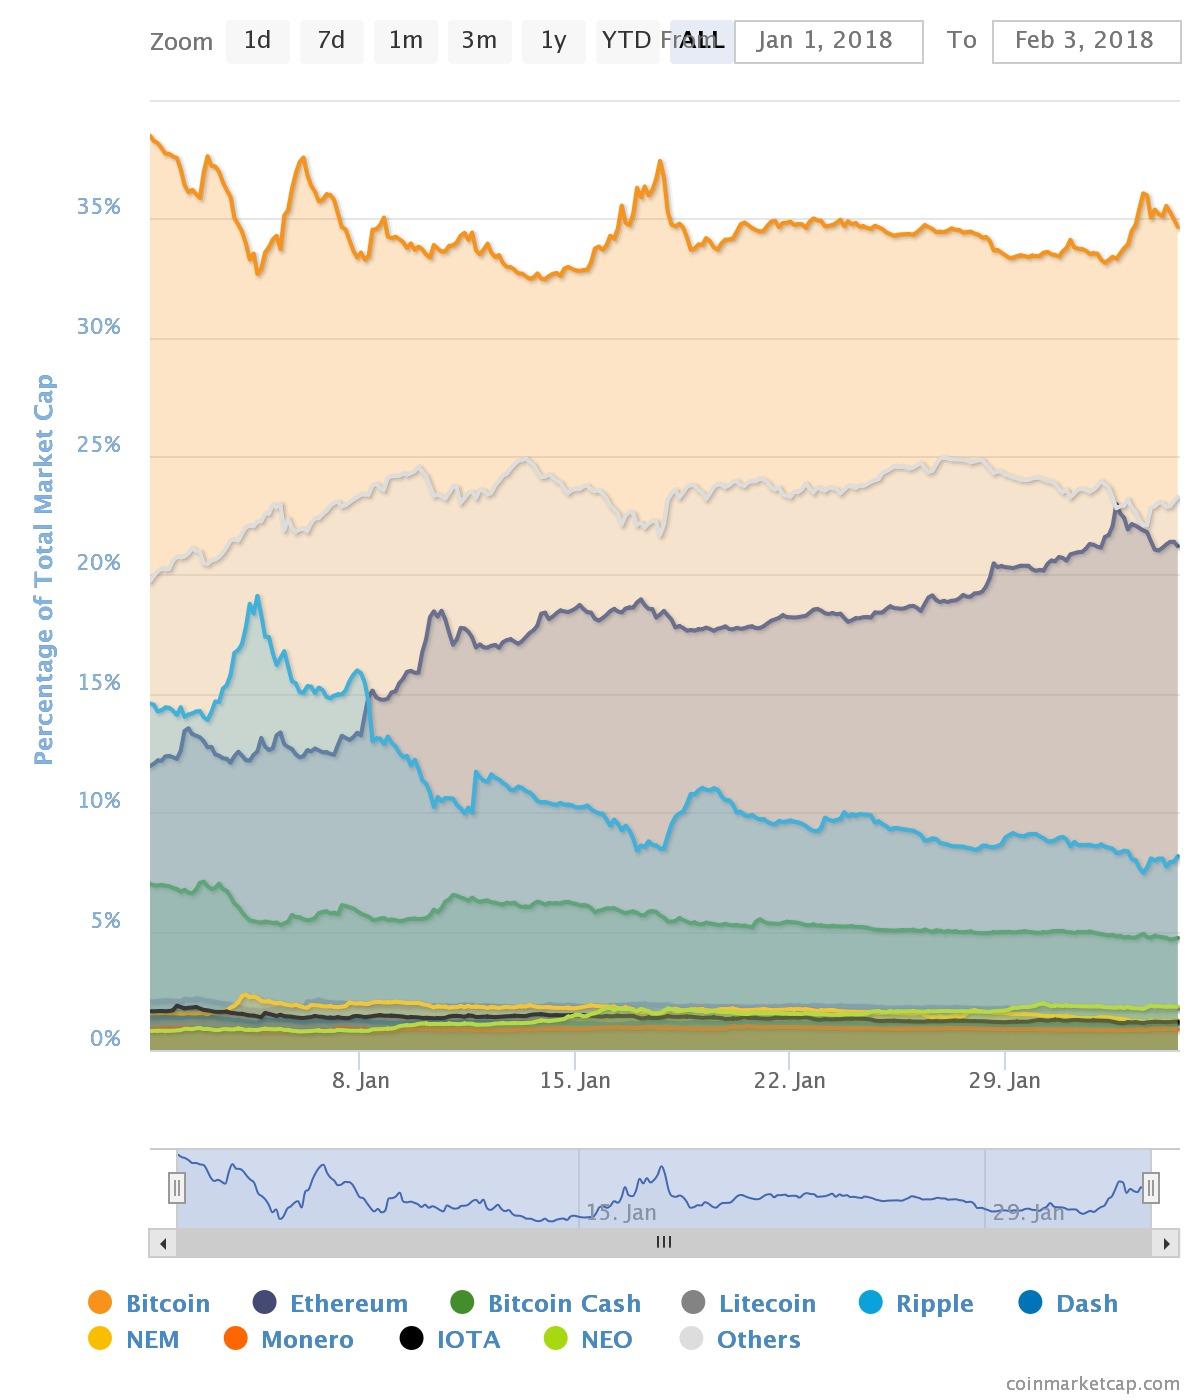 рыночная капитализация топ-10 криптовалют в процентах